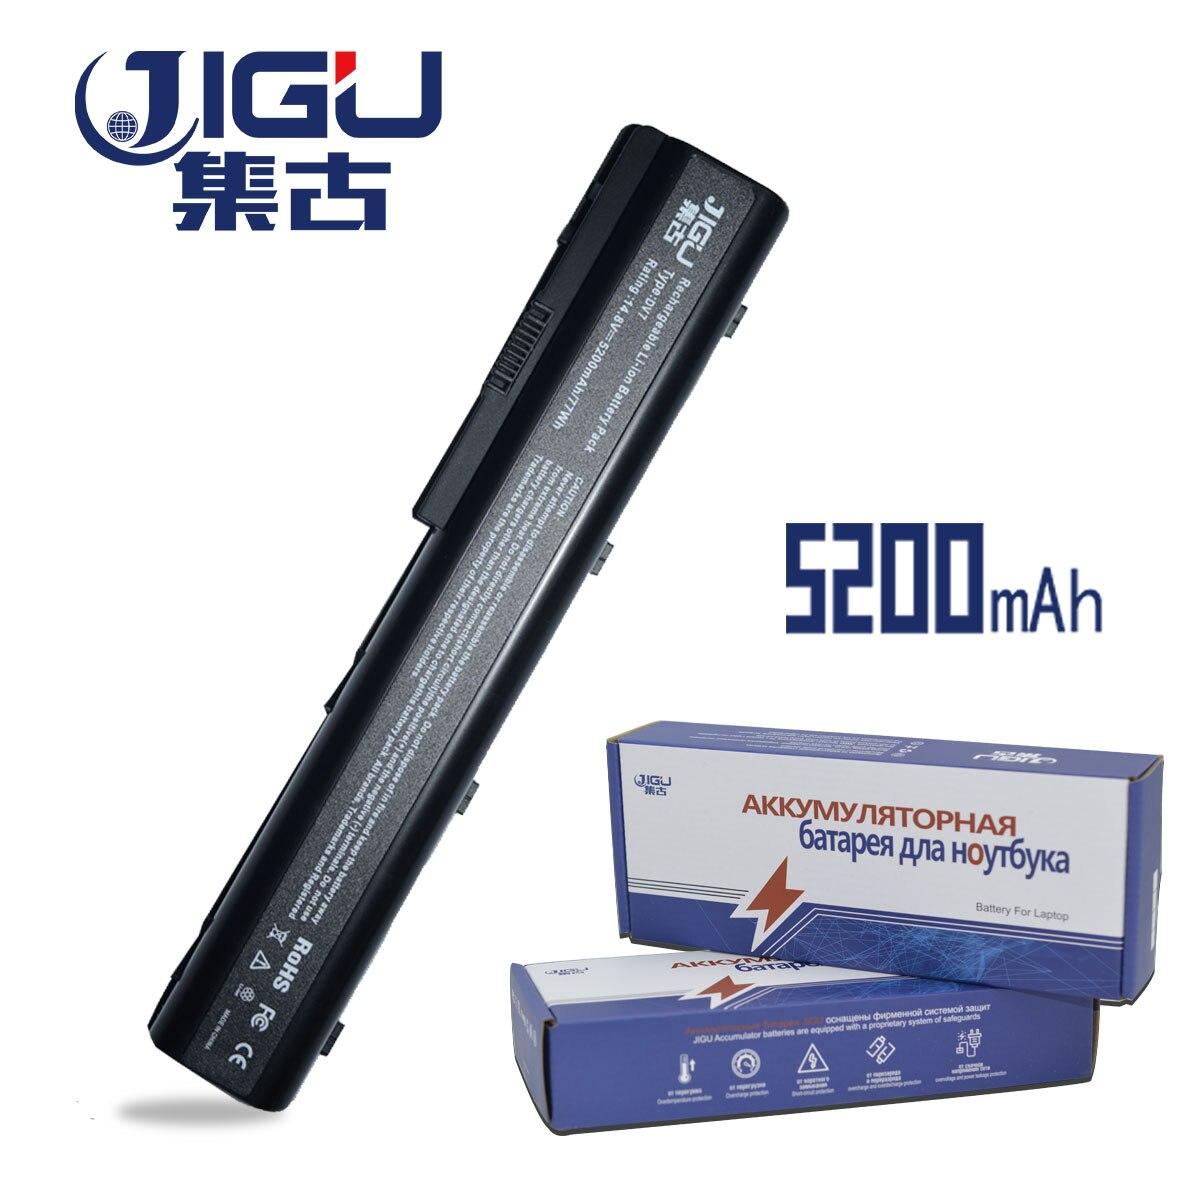 Bateria Para Hp HSTNN-DB74 JIGU HSTNN-DB75 HSTNN-IB74 HSTNN-IB75 HSTNN-OB75 HSTNN-XB75